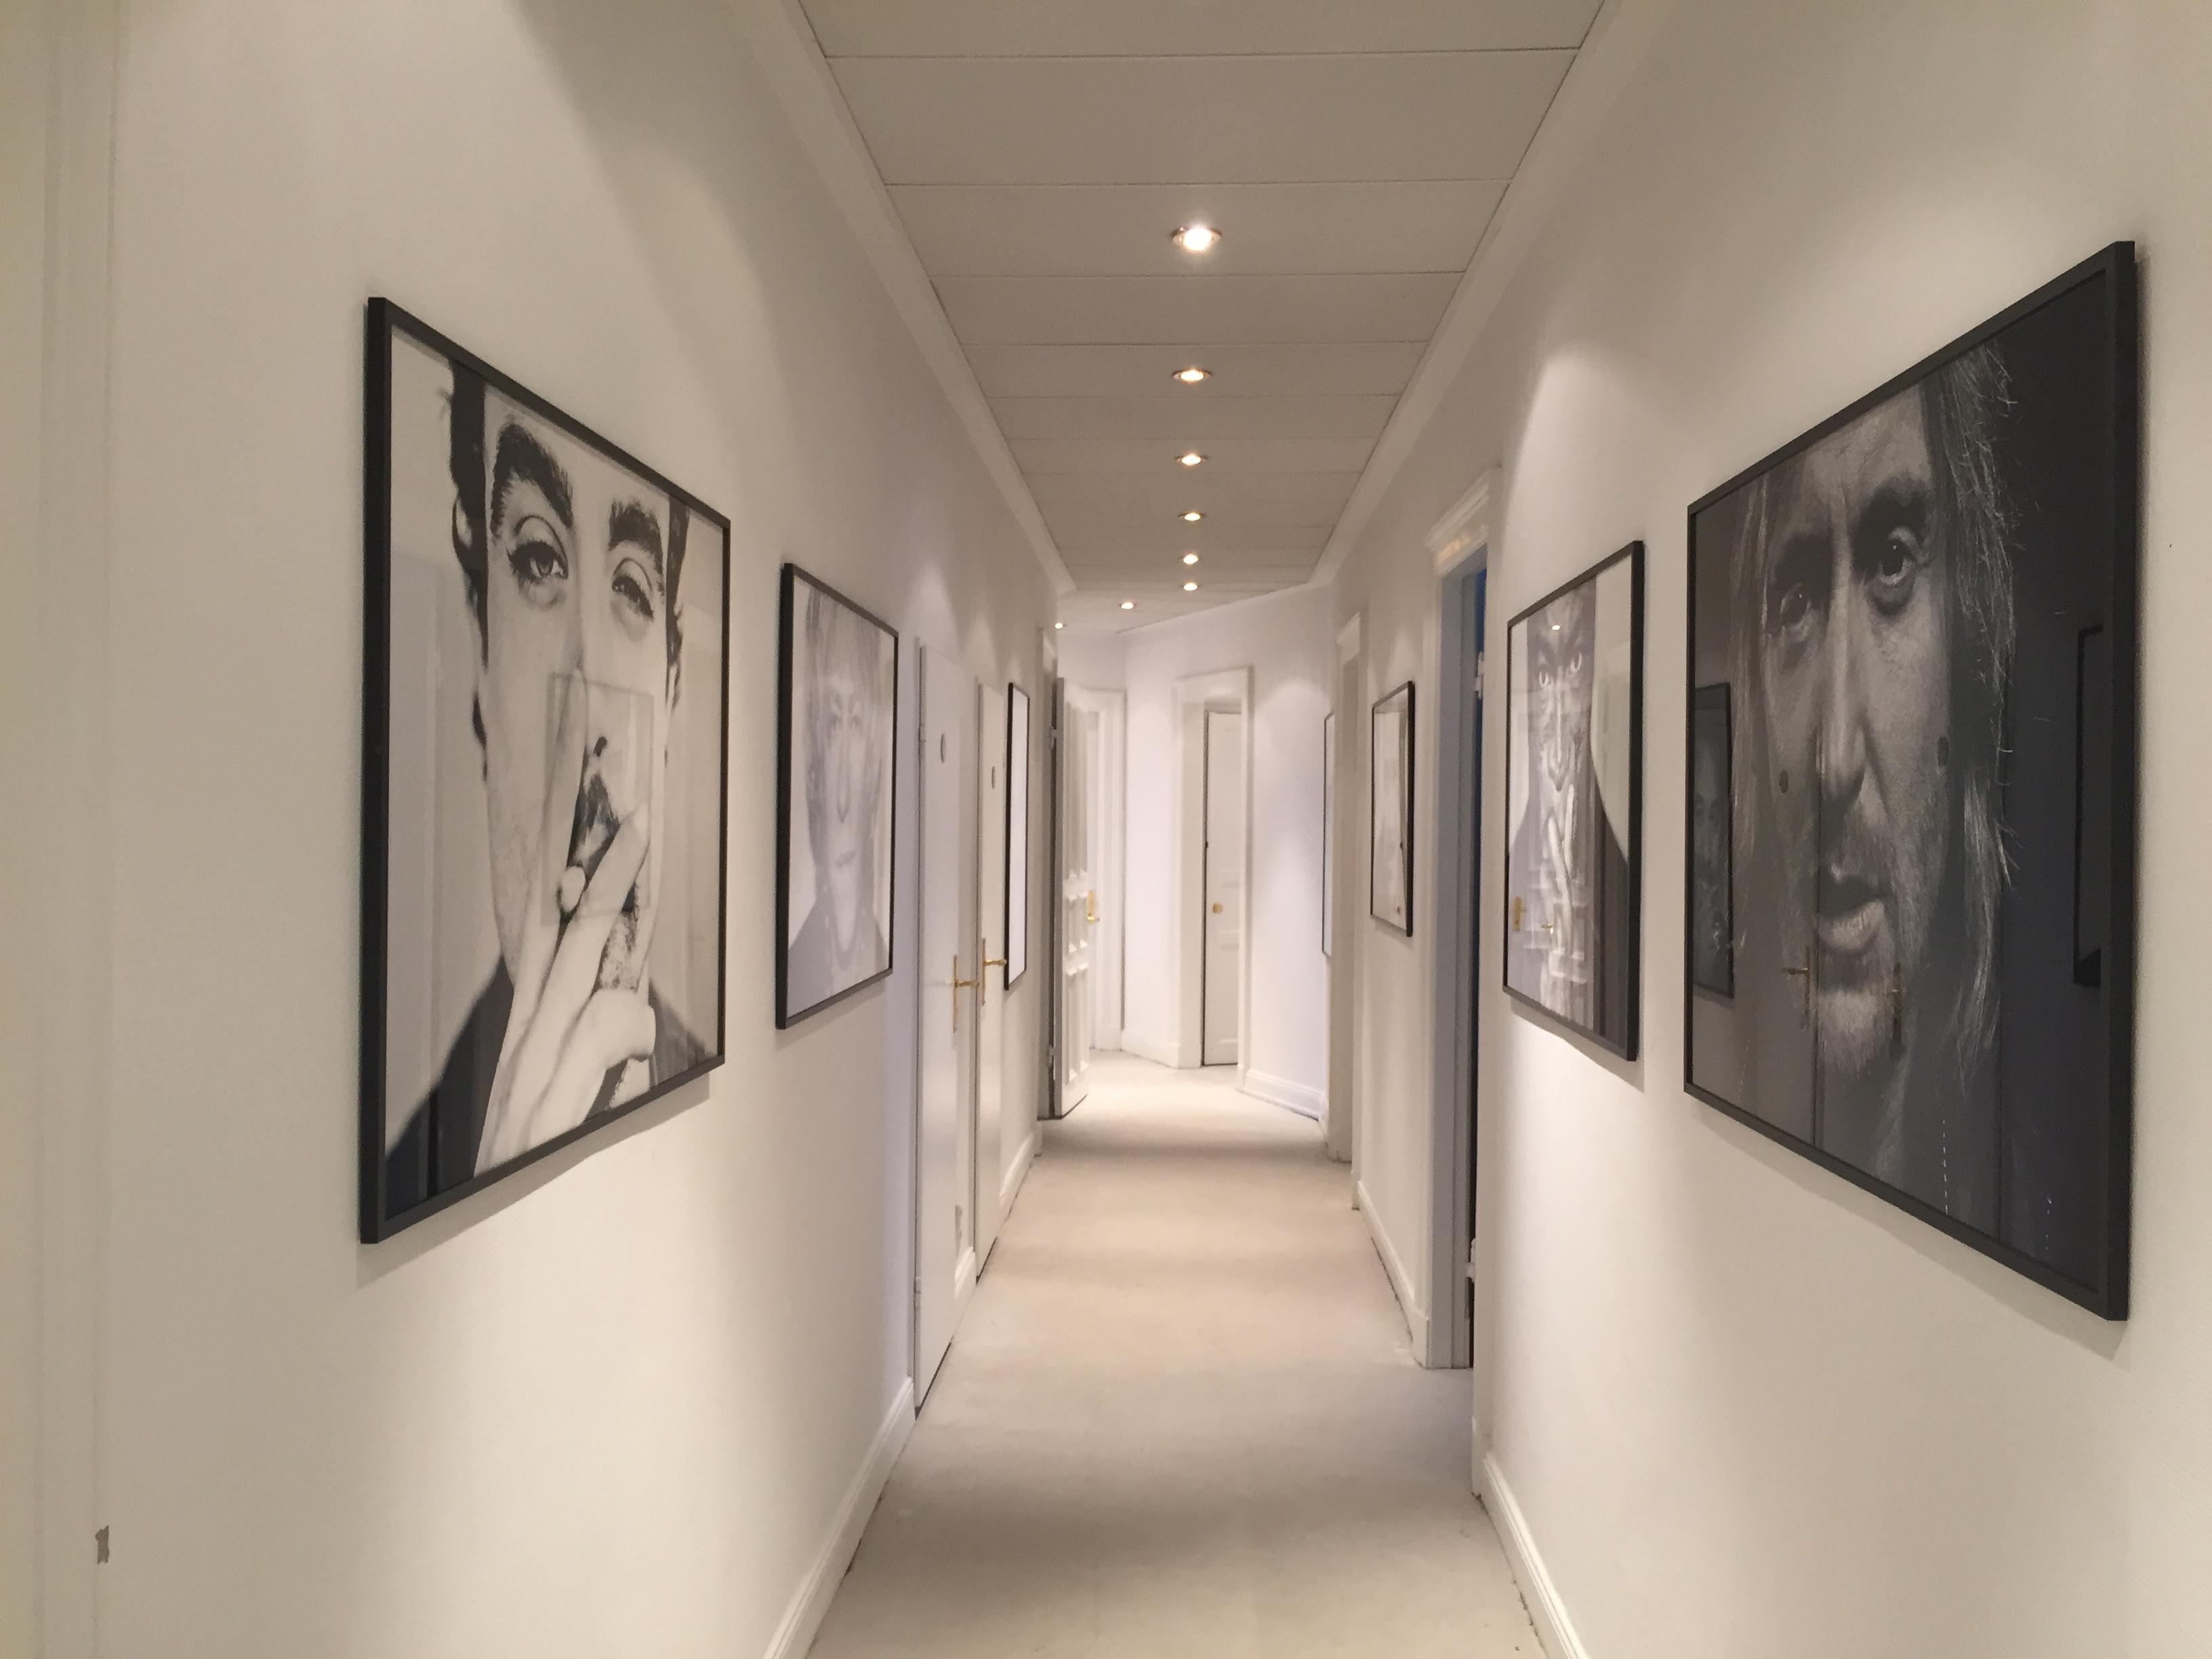 Till Brönner _ Faces _ Ausstellung 01 _ Lovewhatyoudoblog _Christine Stitz9025